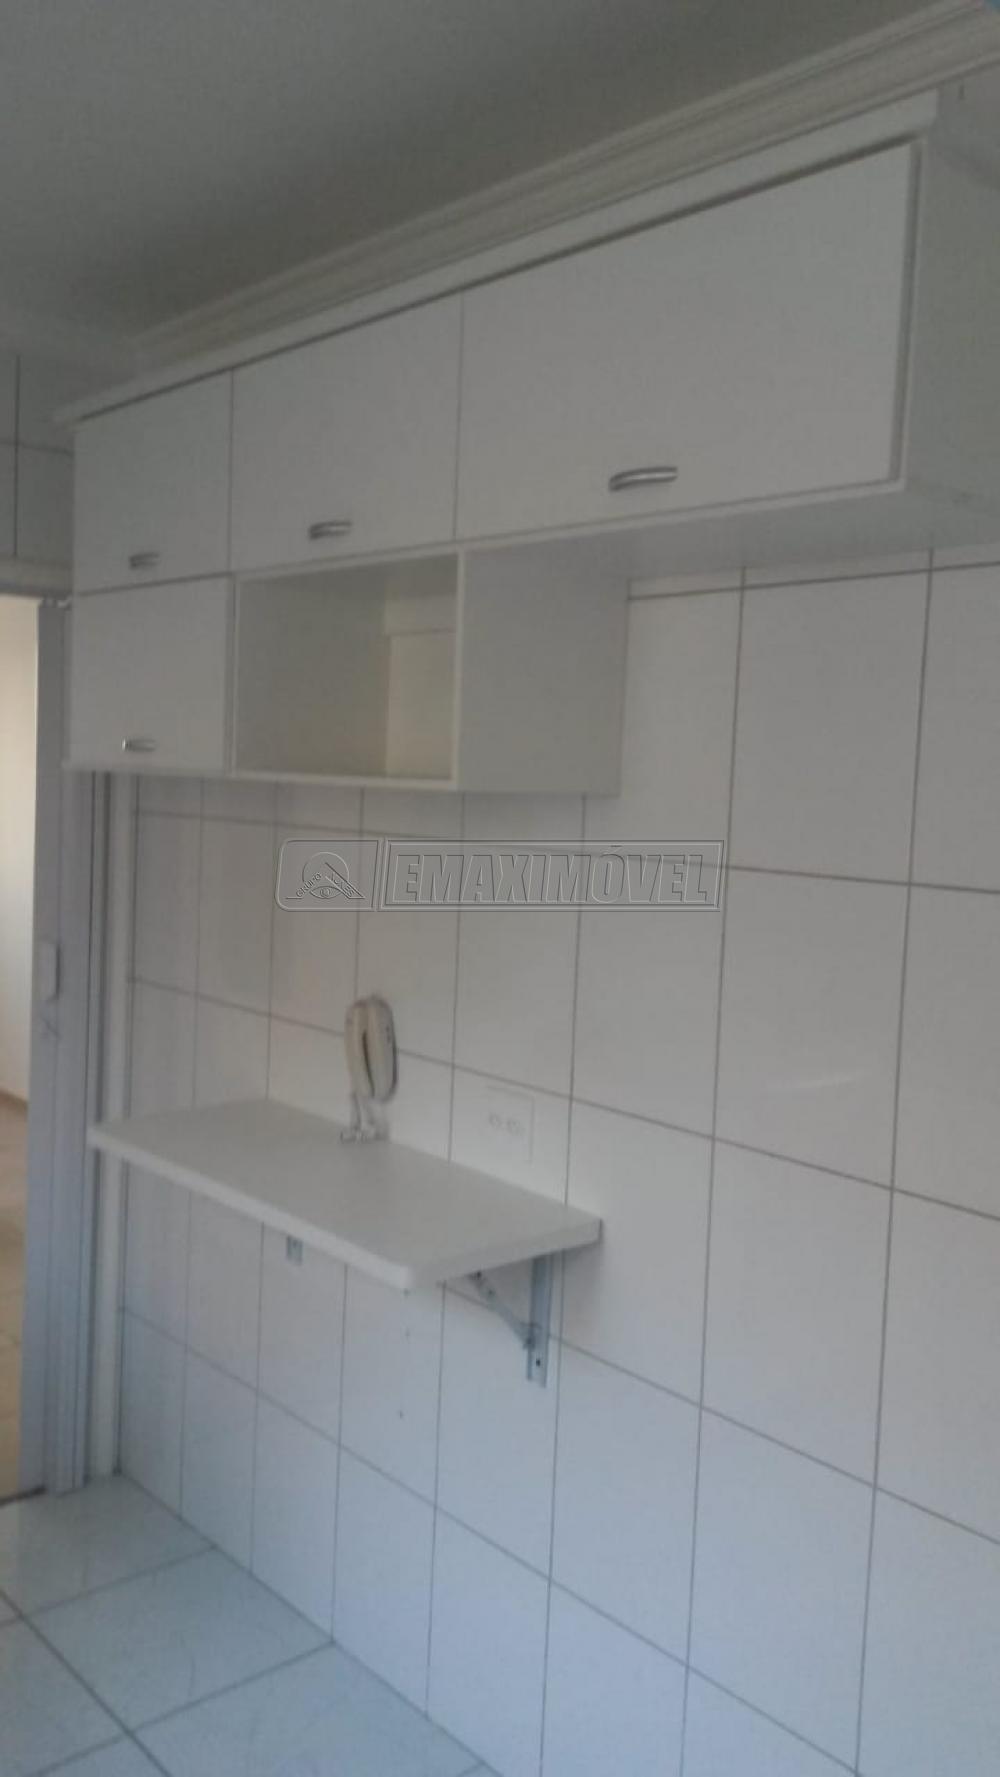 Comprar Apartamentos / Apto Padrão em Sorocaba apenas R$ 320.000,00 - Foto 12